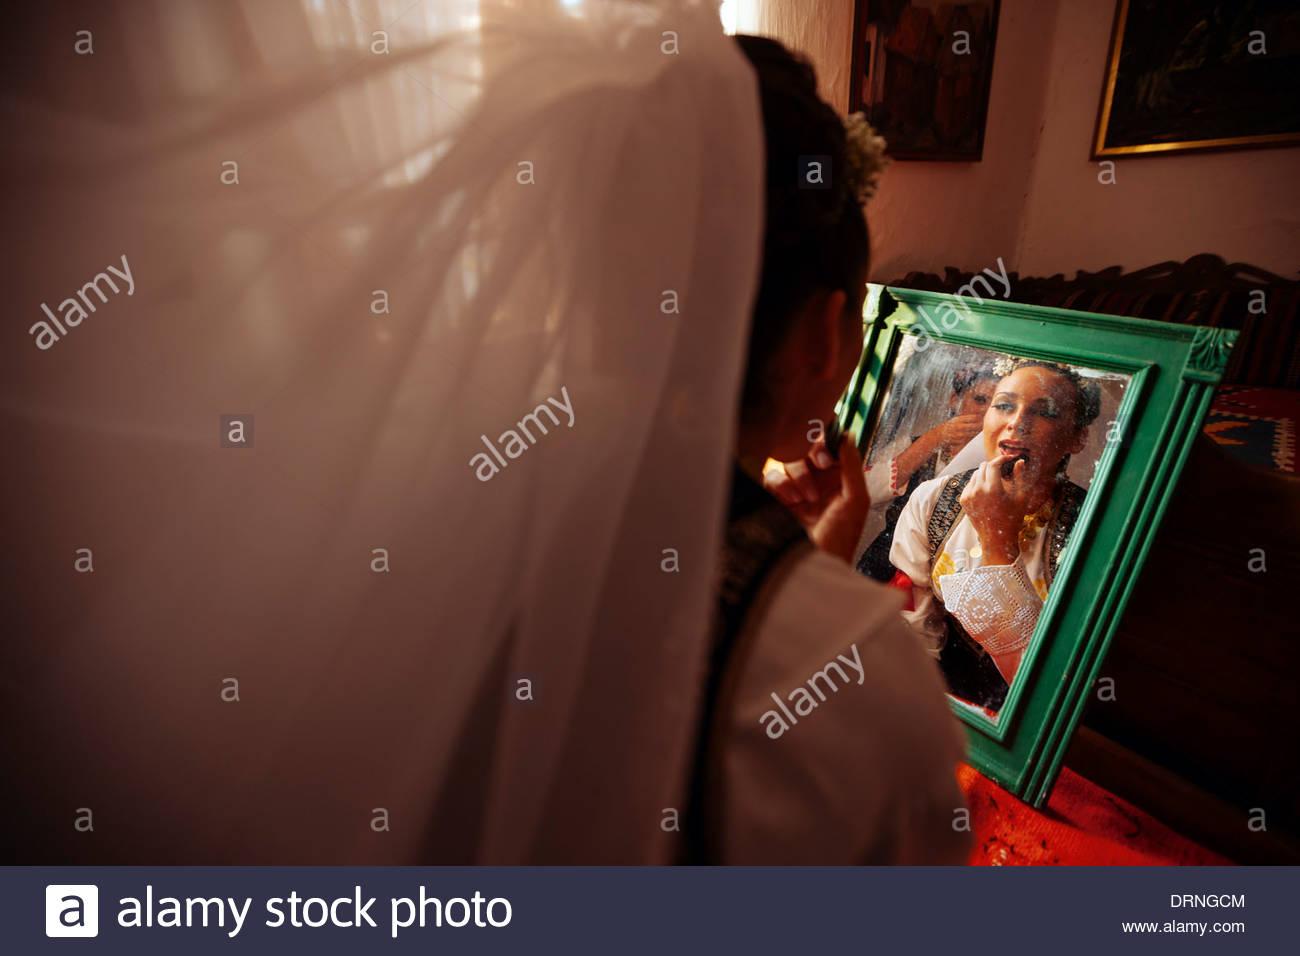 Serbische Braut setzt Lippenstift vor dem Spiegel